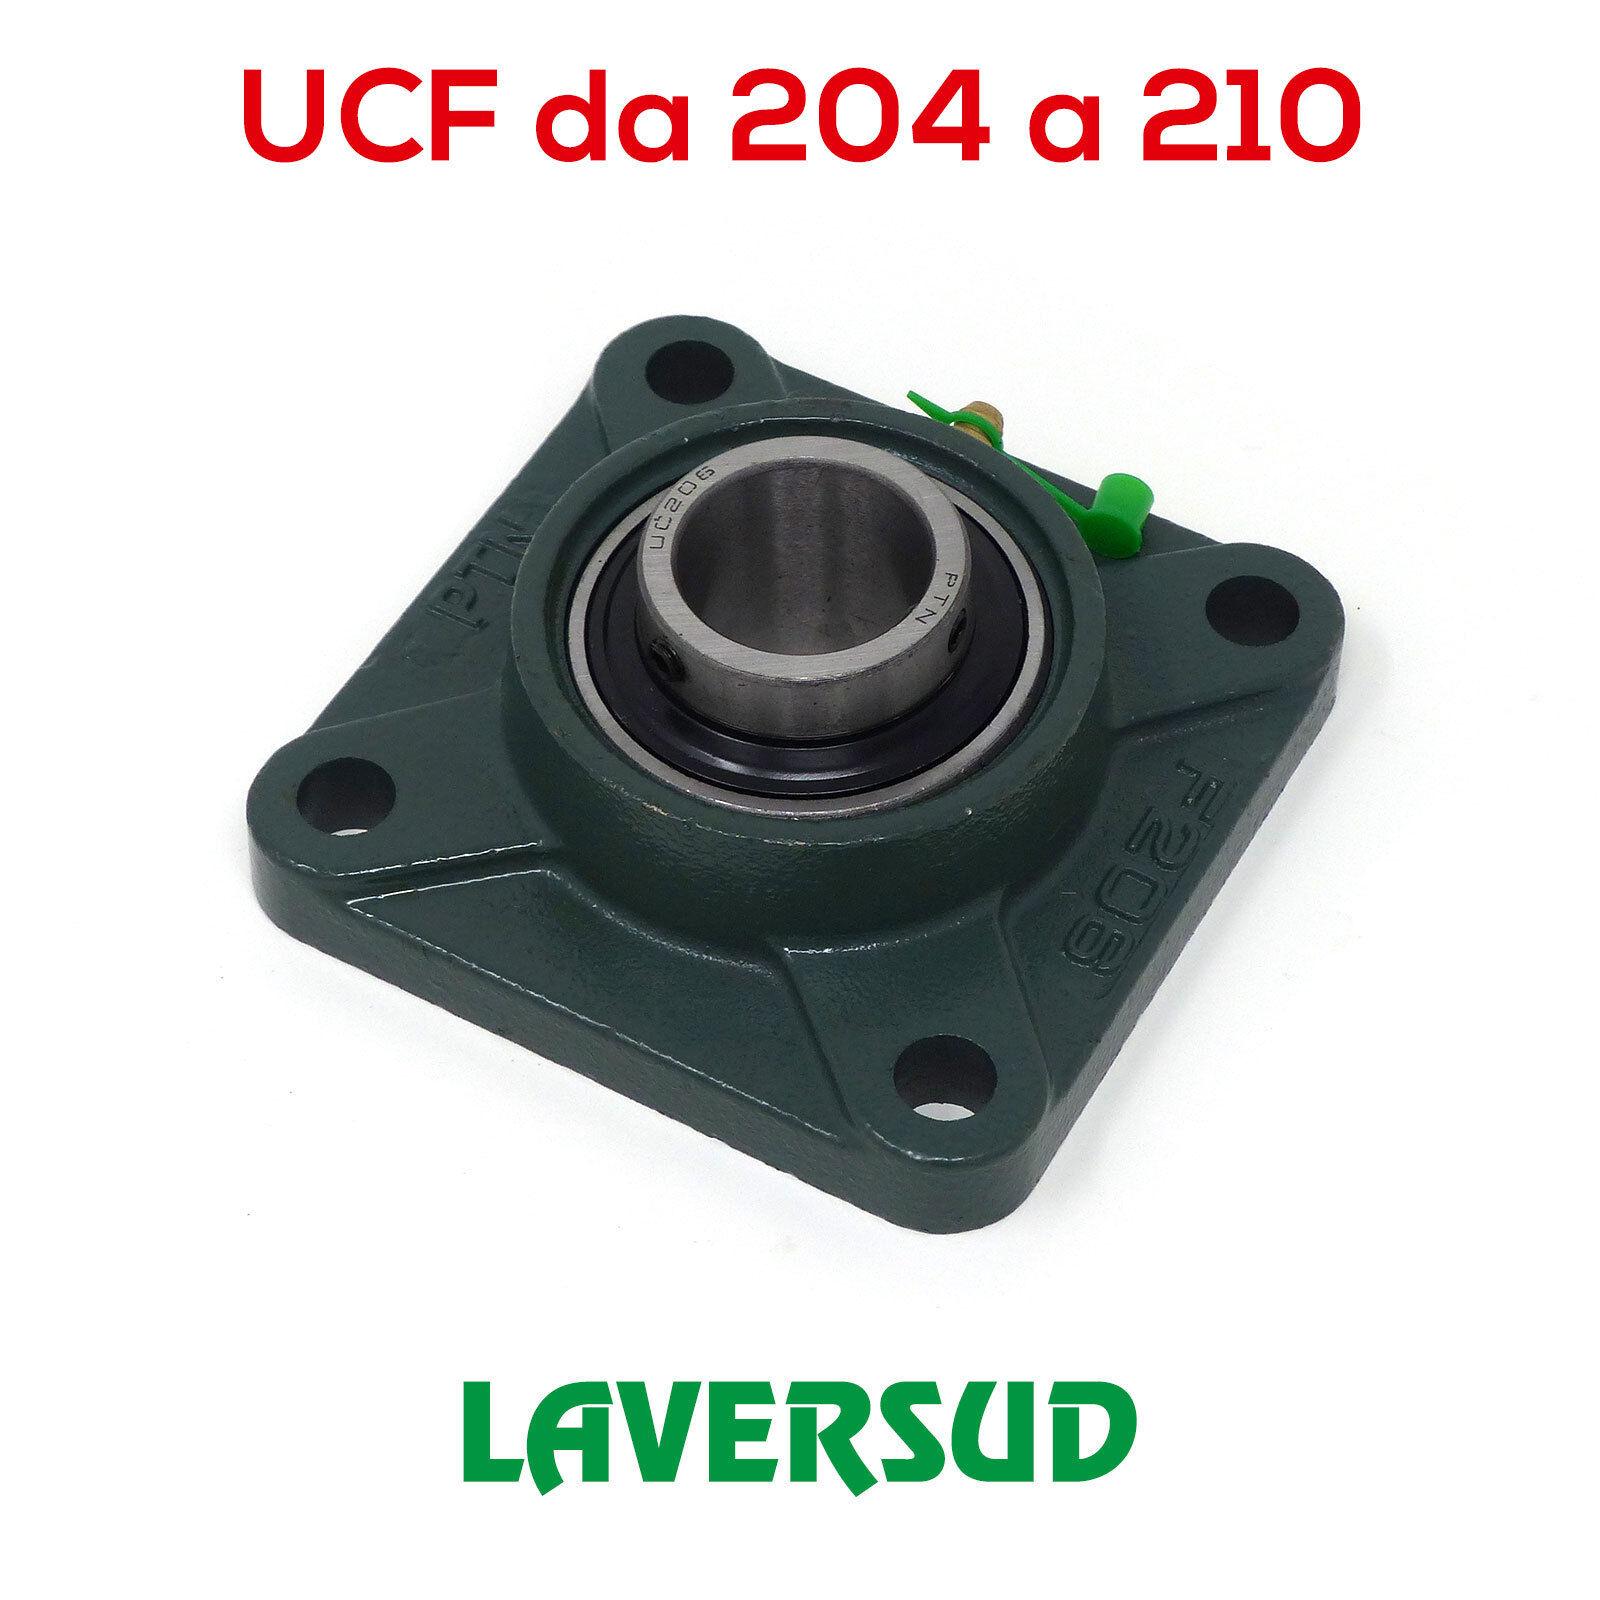 Supporti a Flangia con Cuscinetto UCF: da 204 a 210 (varie misure)